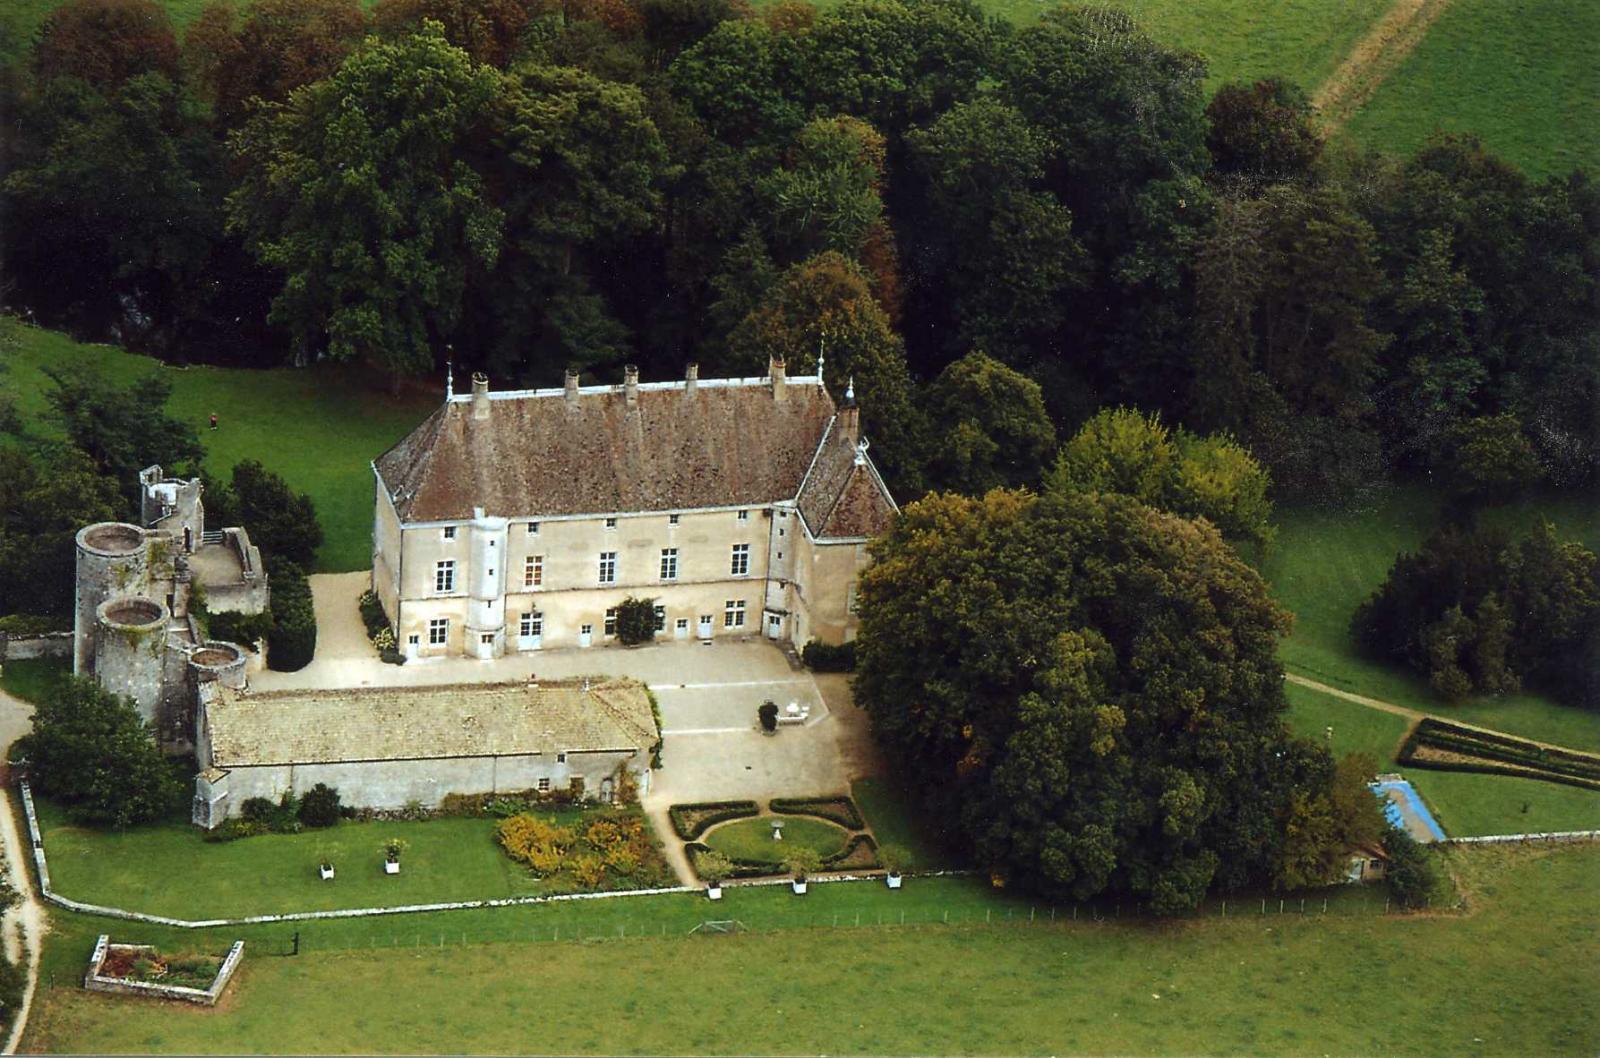 Vue aérienne de Germolles